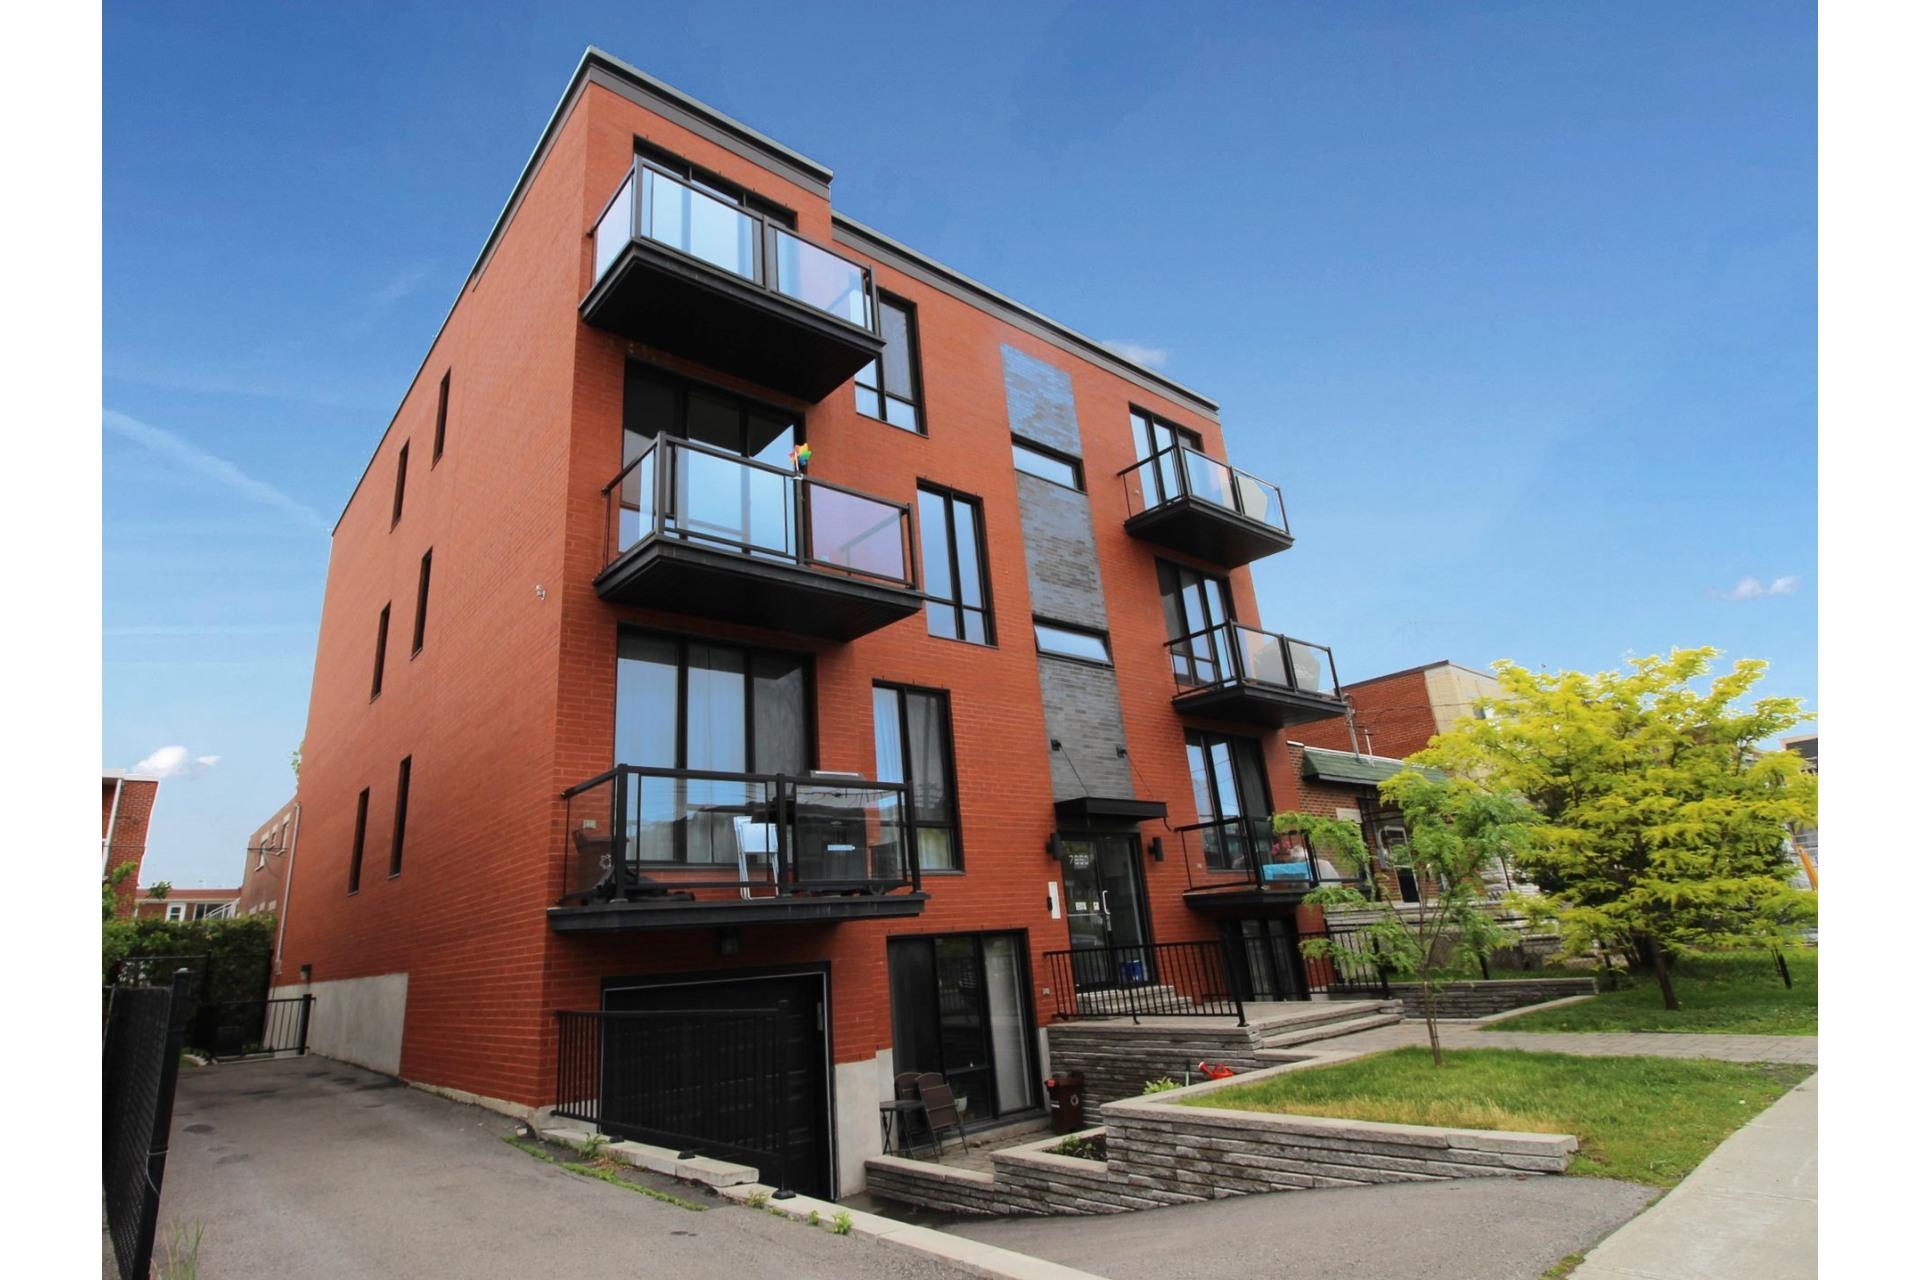 image 2 - Appartement À vendre Villeray/Saint-Michel/Parc-Extension Montréal  - 6 pièces